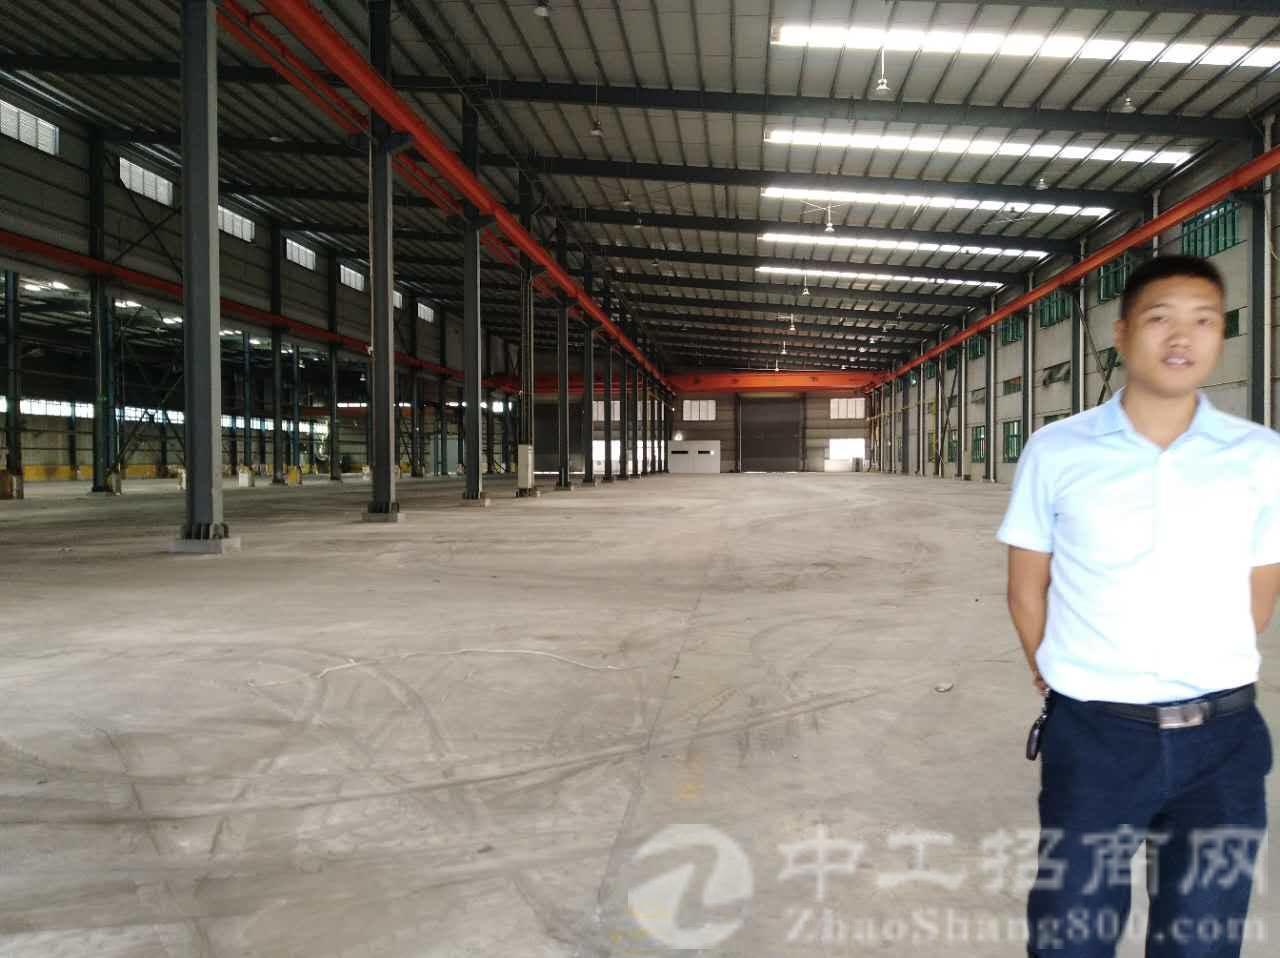 寮步镇独院单一层钢构厂房8000平方现有行车火爆招租